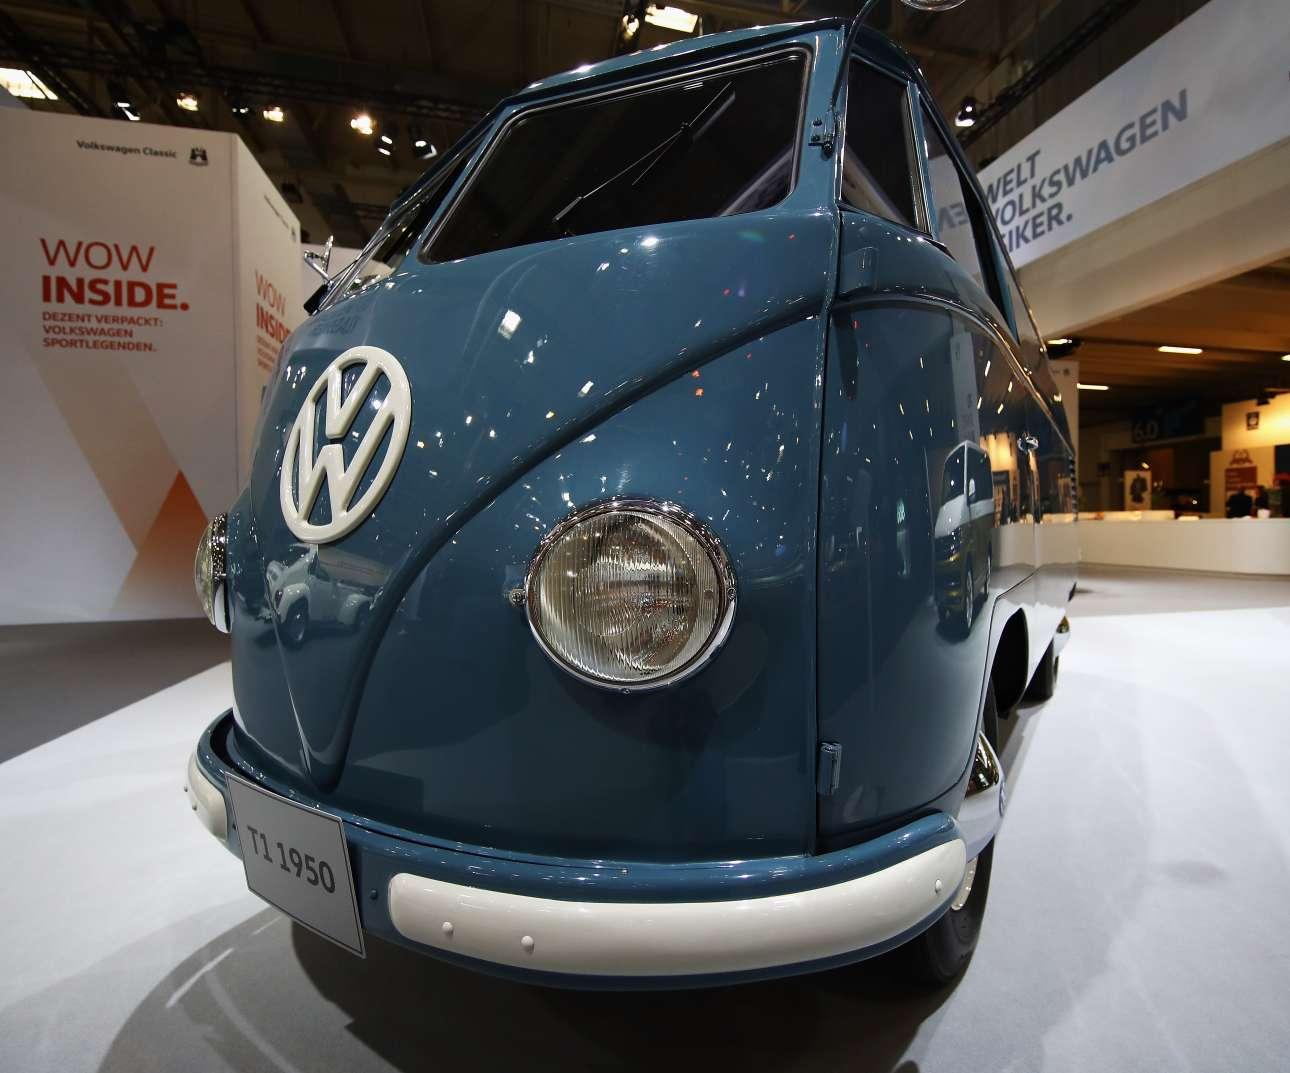 Το θρυλικό βαν Volkswagen Type 2, T1 της δεκαετίας του 1950, ένα όνειρο για τους απανταχού συλλέκτες